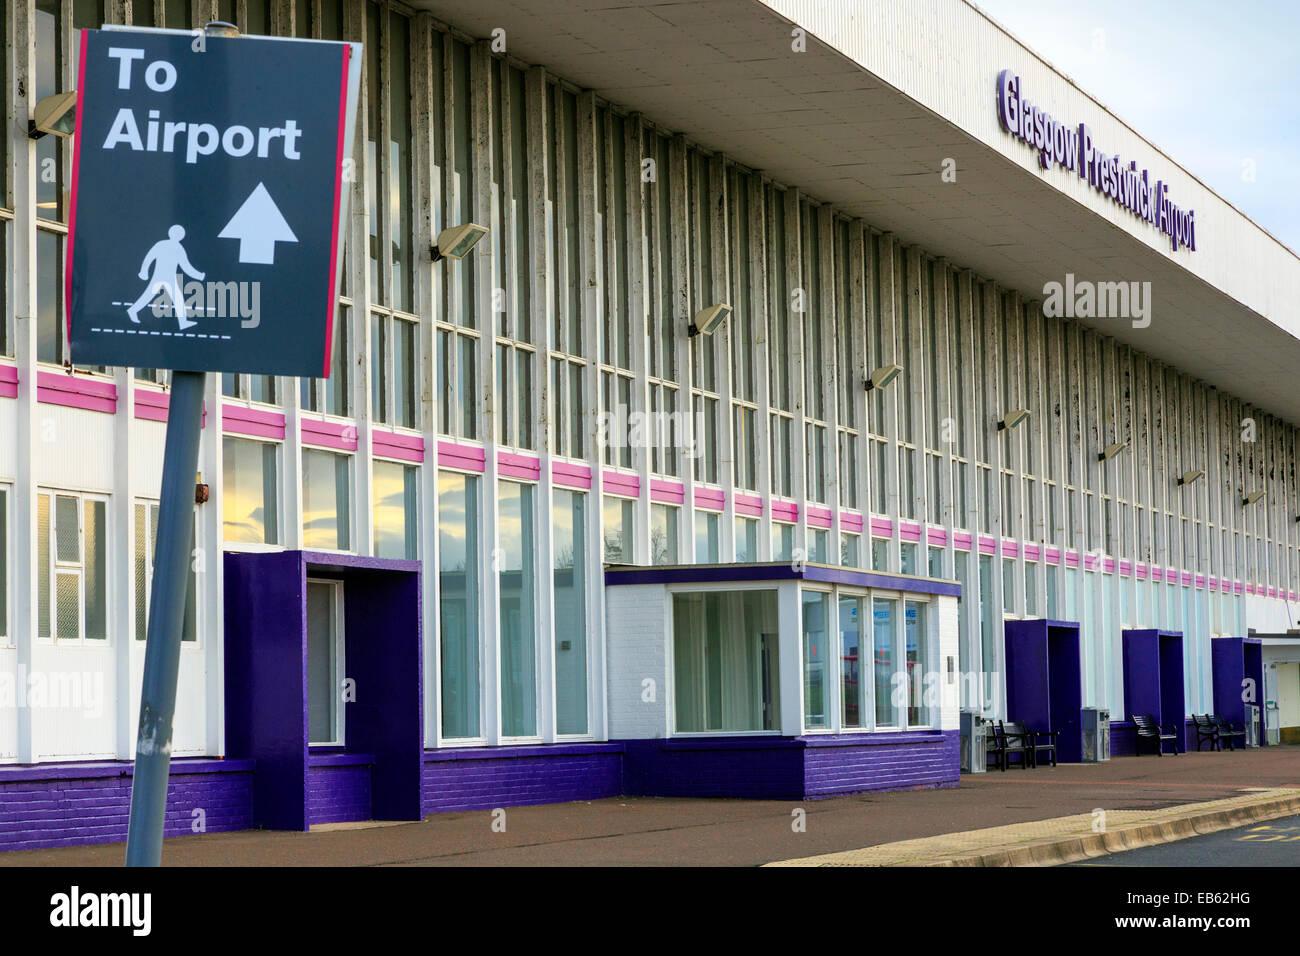 Frnt entrance to Glasgow Prestwick Airport, Prestwick, Ayrshire, Scotland, UK Stock Photo